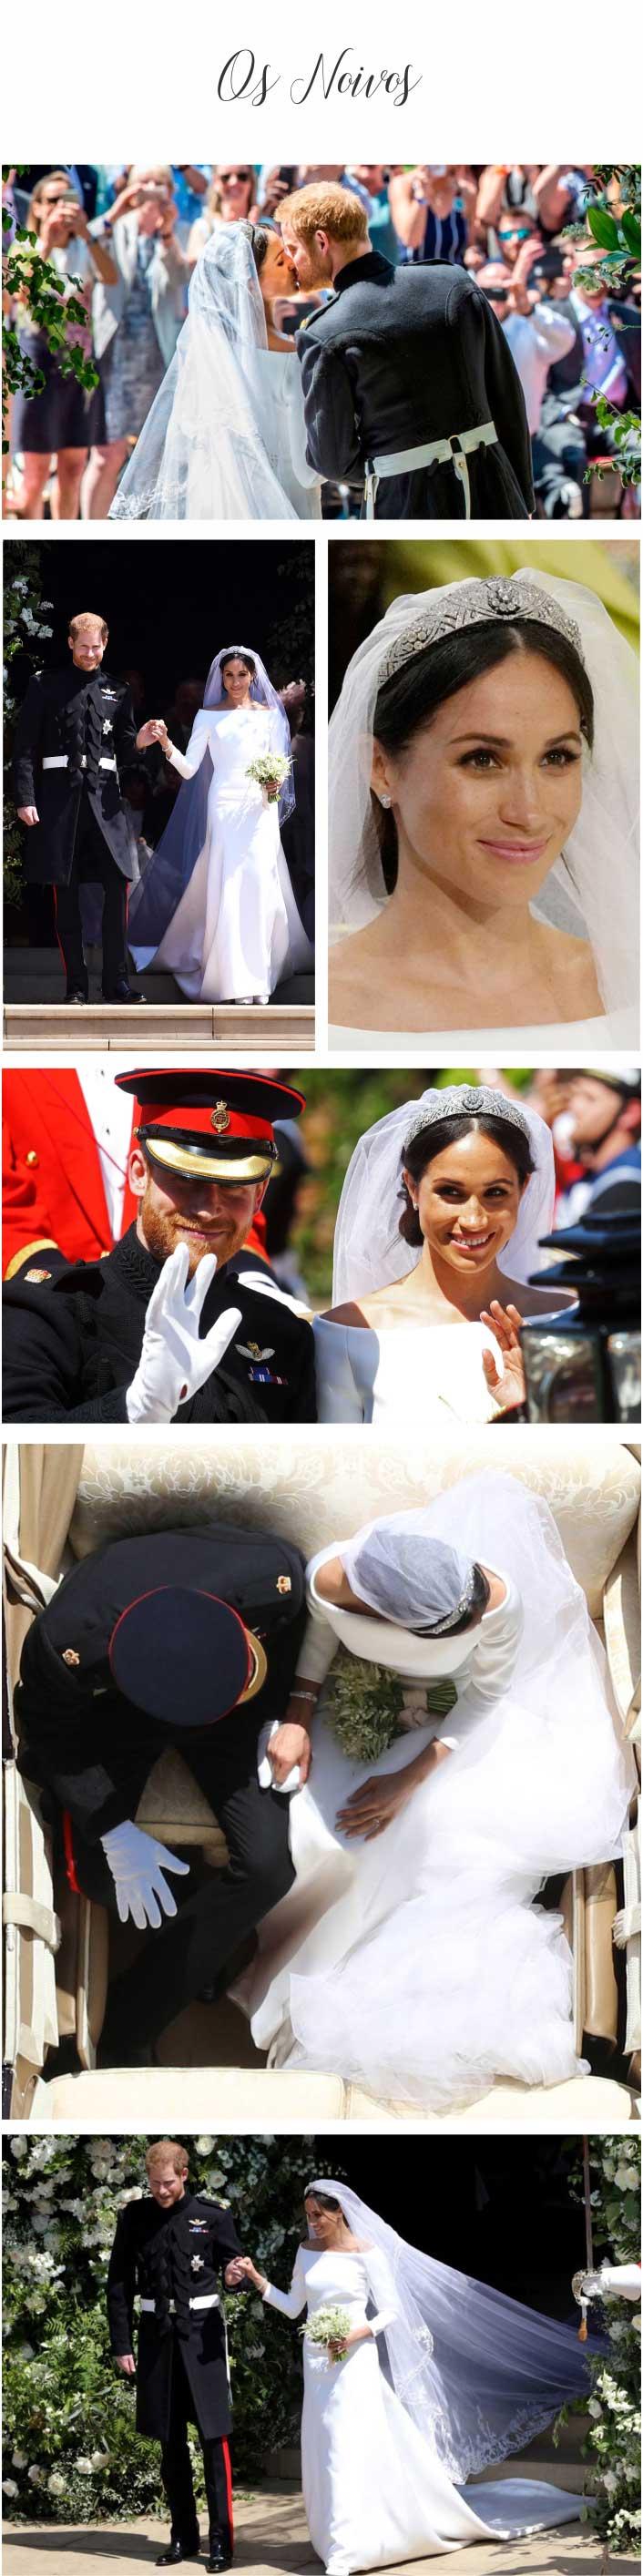 Casamento Real - Príncipe Harry e Meghan Markle - Os Noivos